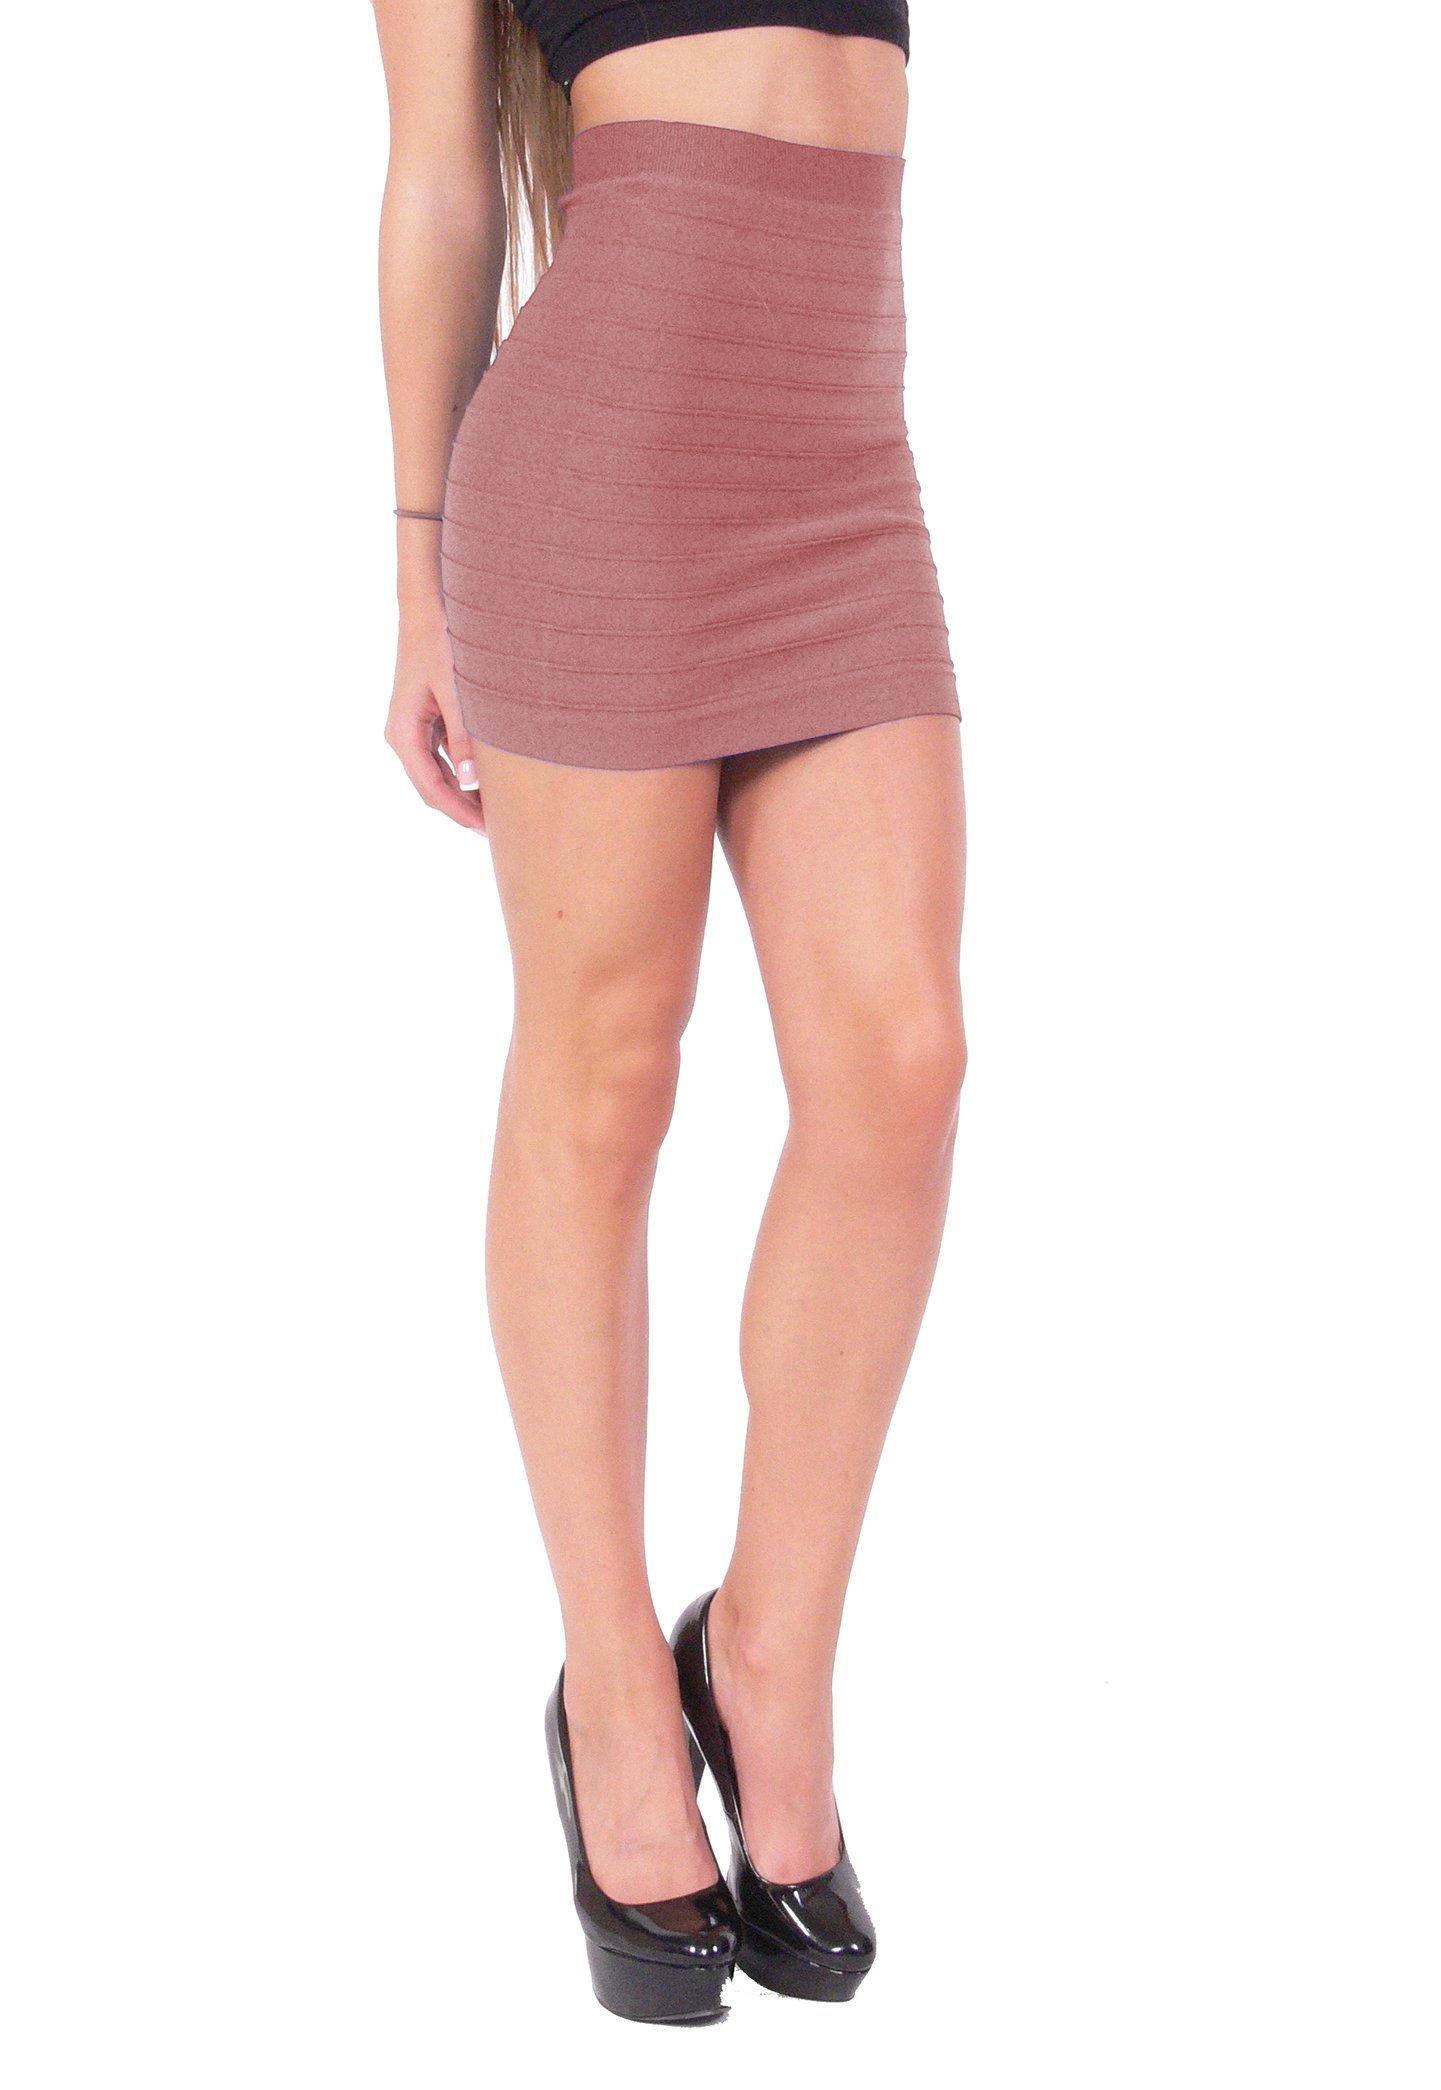 Hollywood Star Fashion Bandage Style Mini Skirt Knit Stretch Fabric (One Size, Mauve)